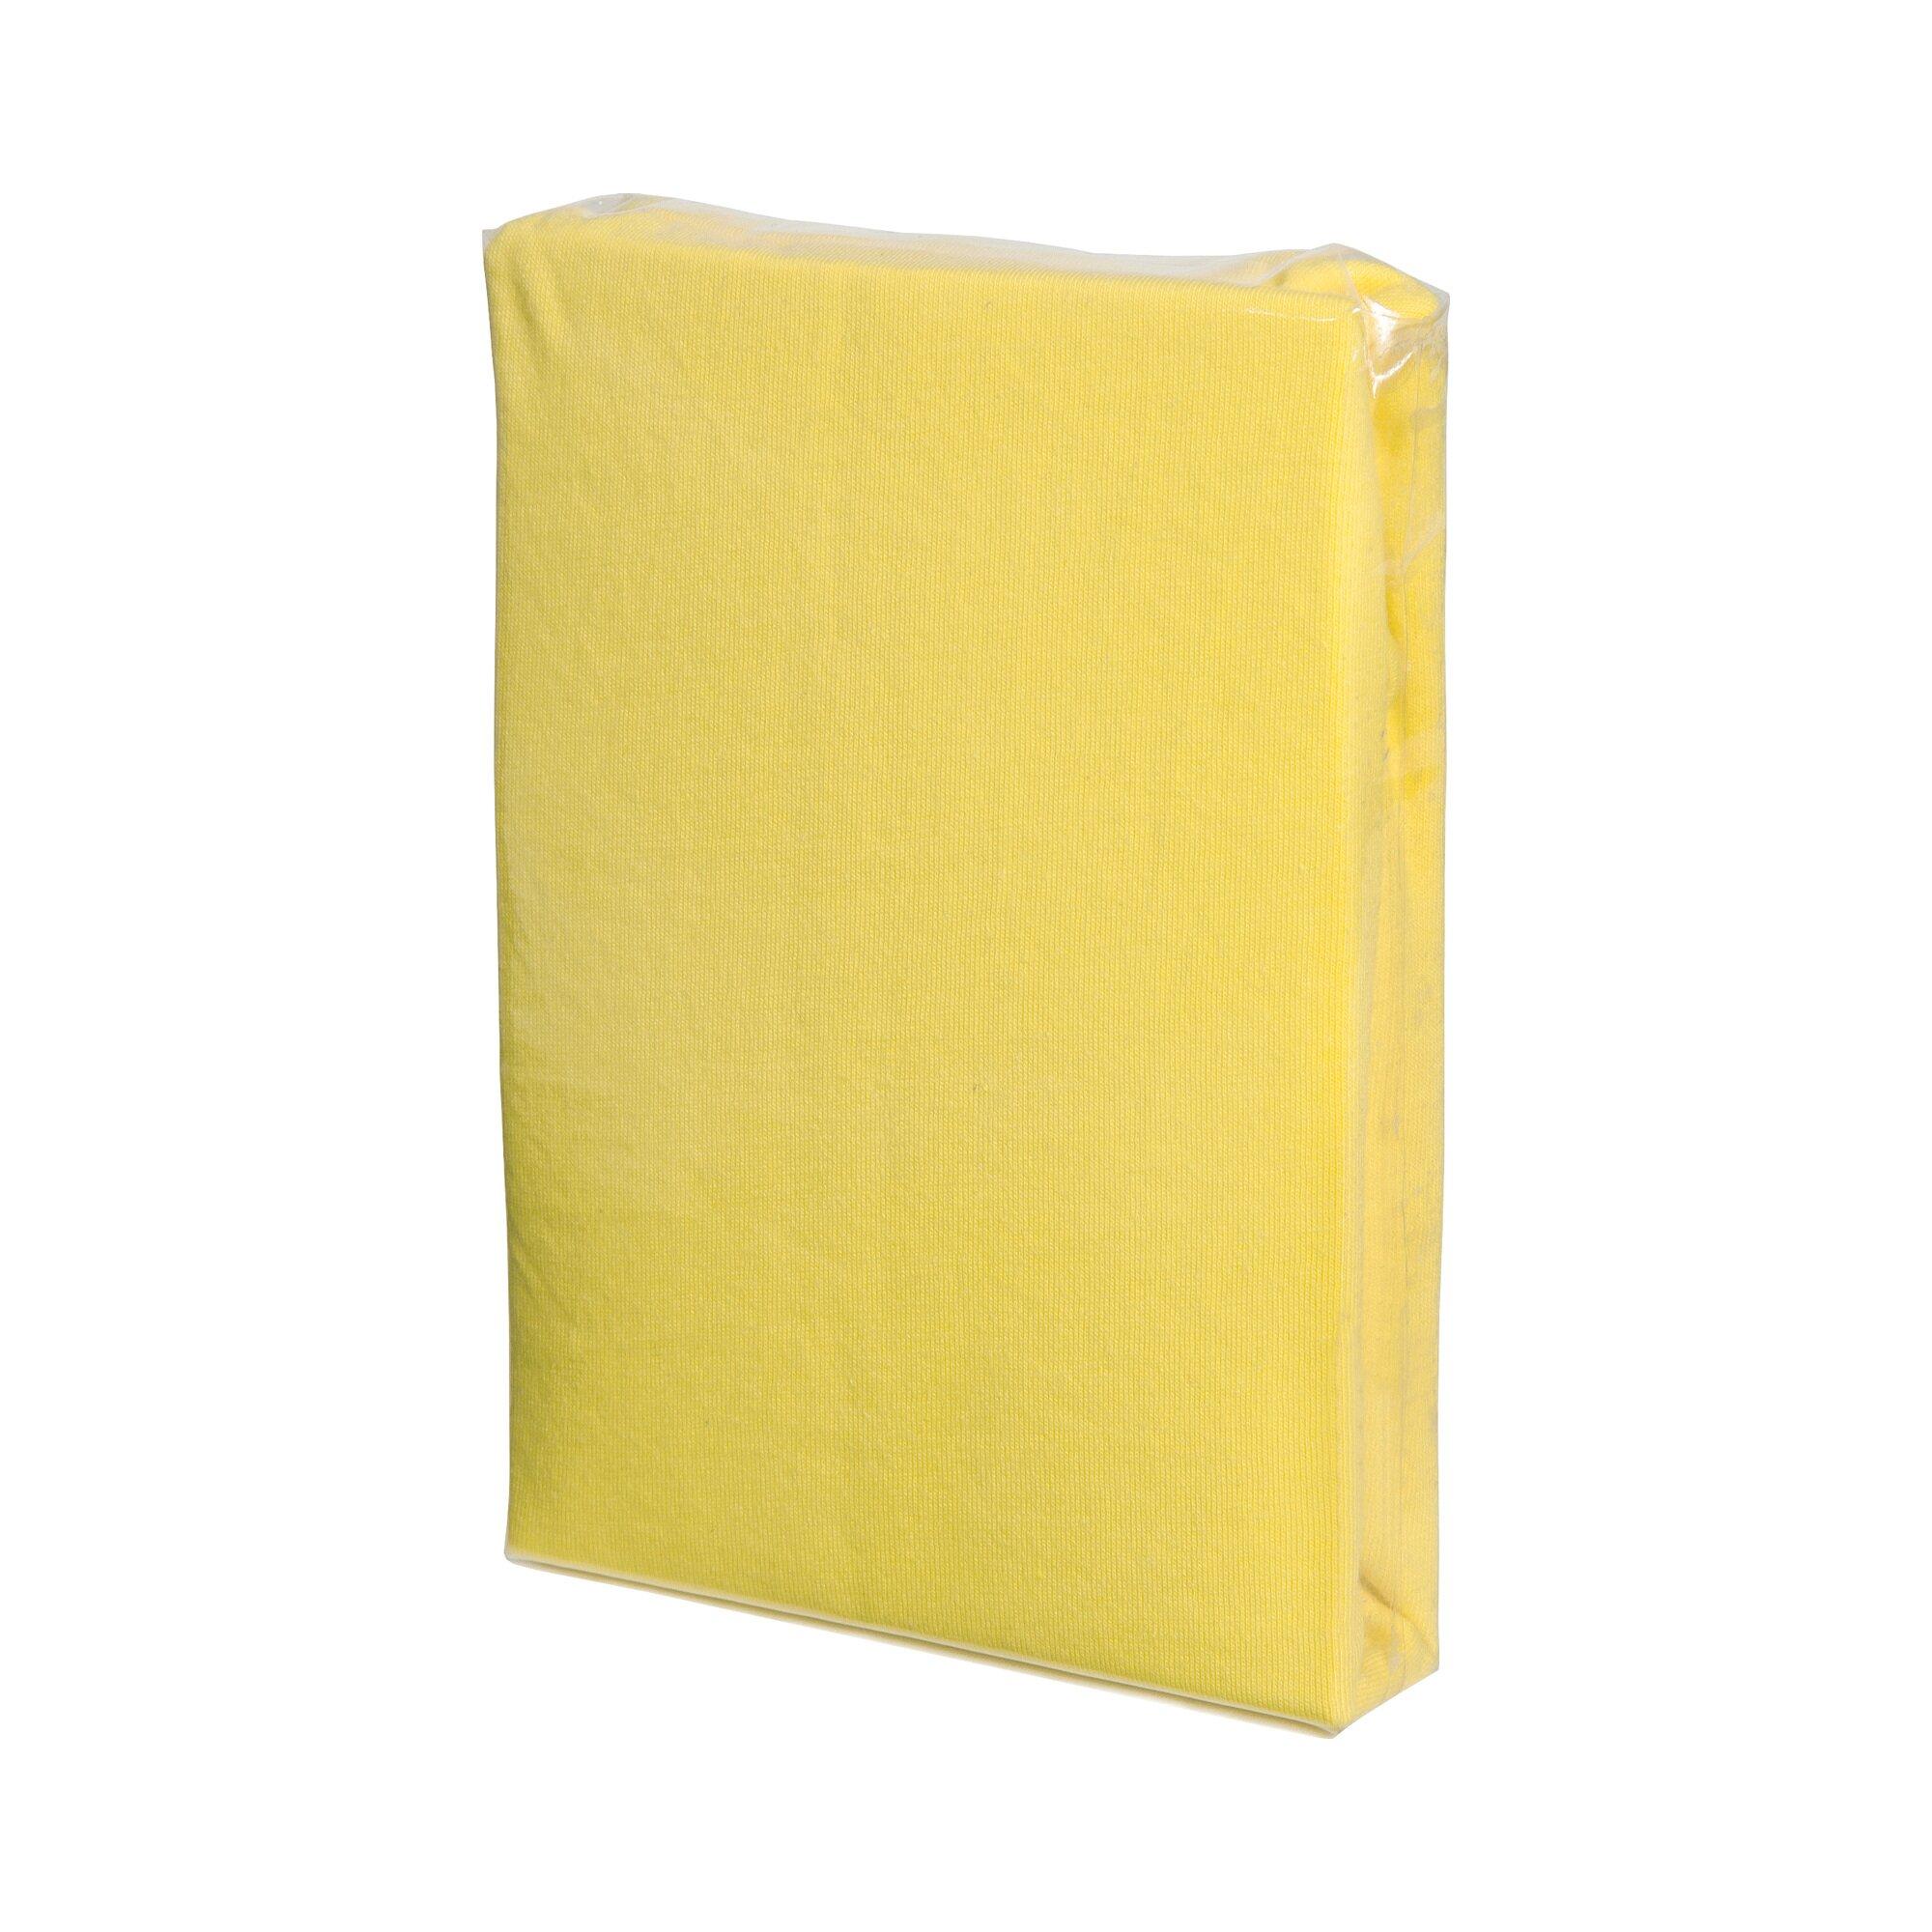 Fillikid Spannbetttuch 90 x 40 gelb